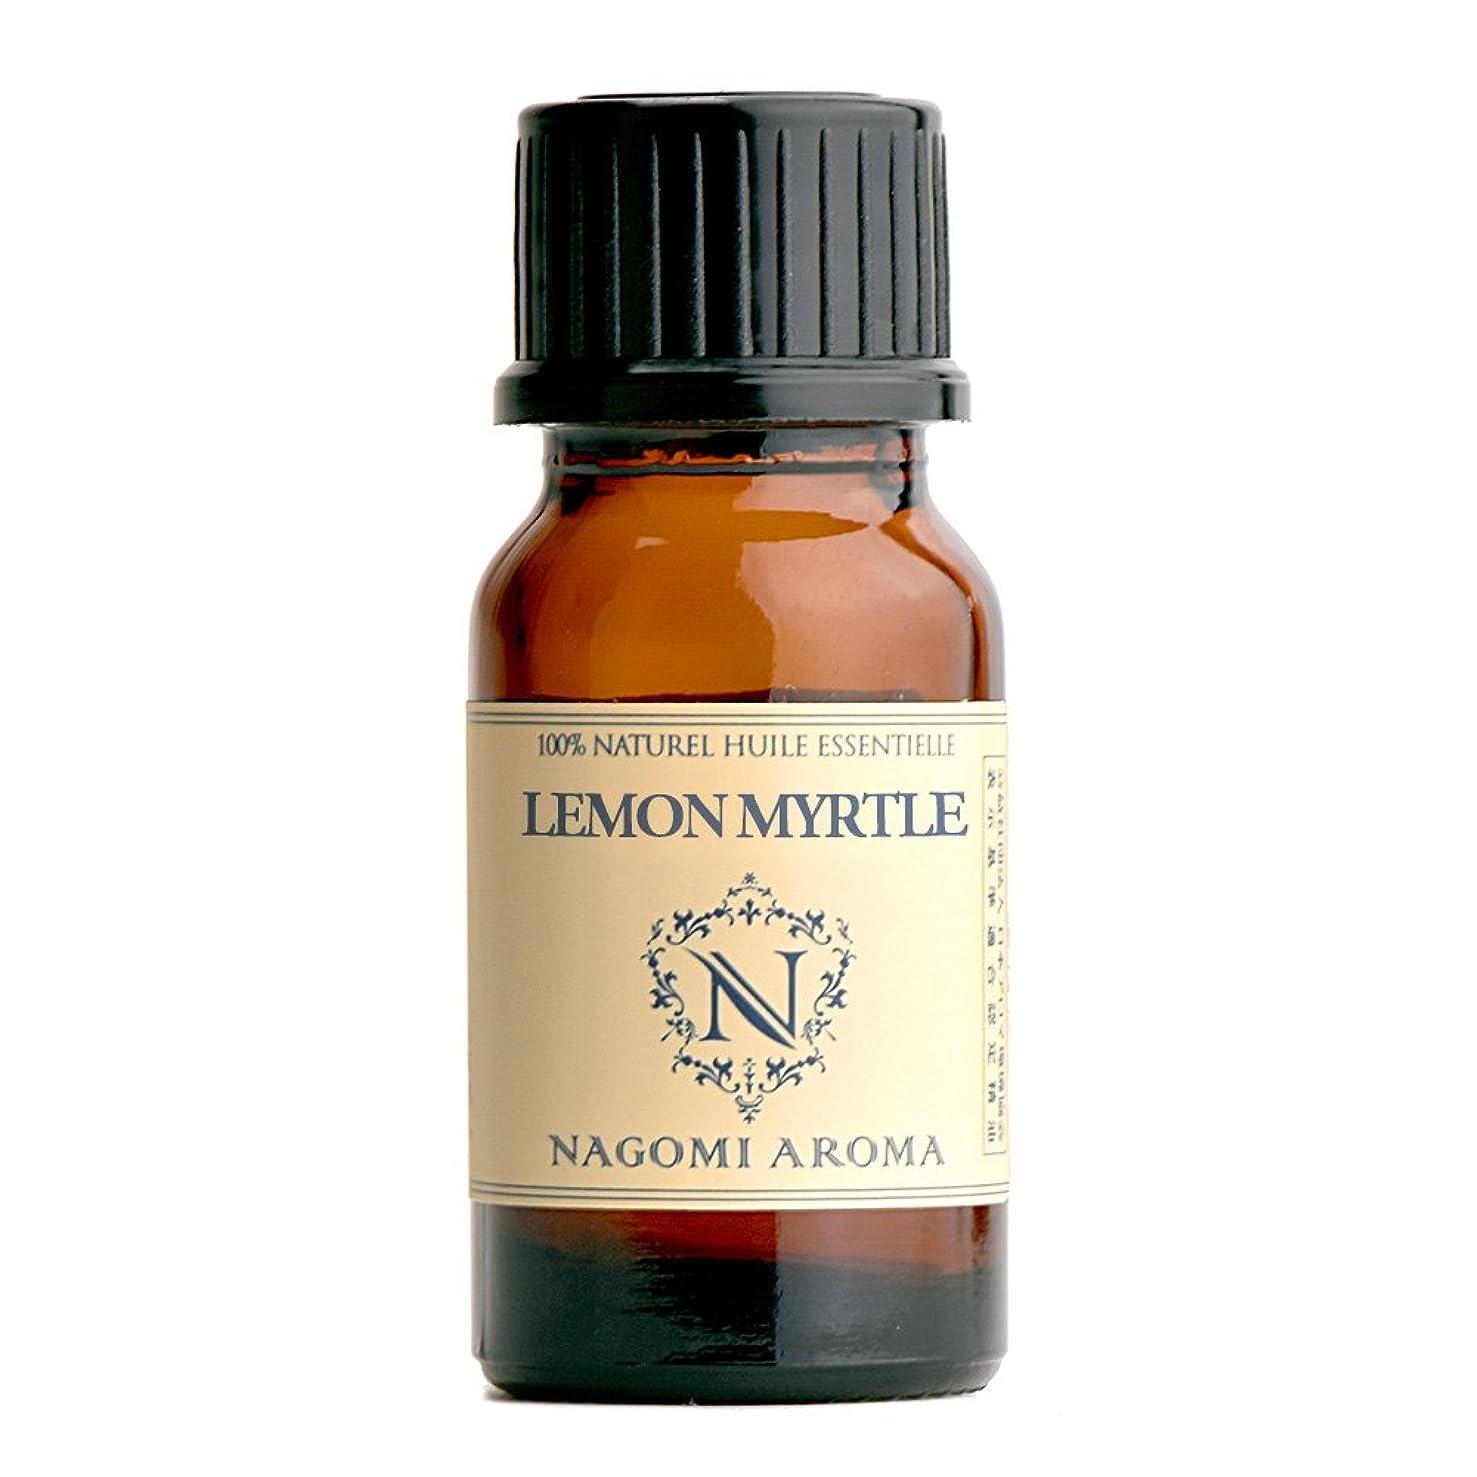 複合デコラティブ助けてNAGOMI AROMA レモンマートル 10ml 【AEAJ認定精油】【アロマオイル】